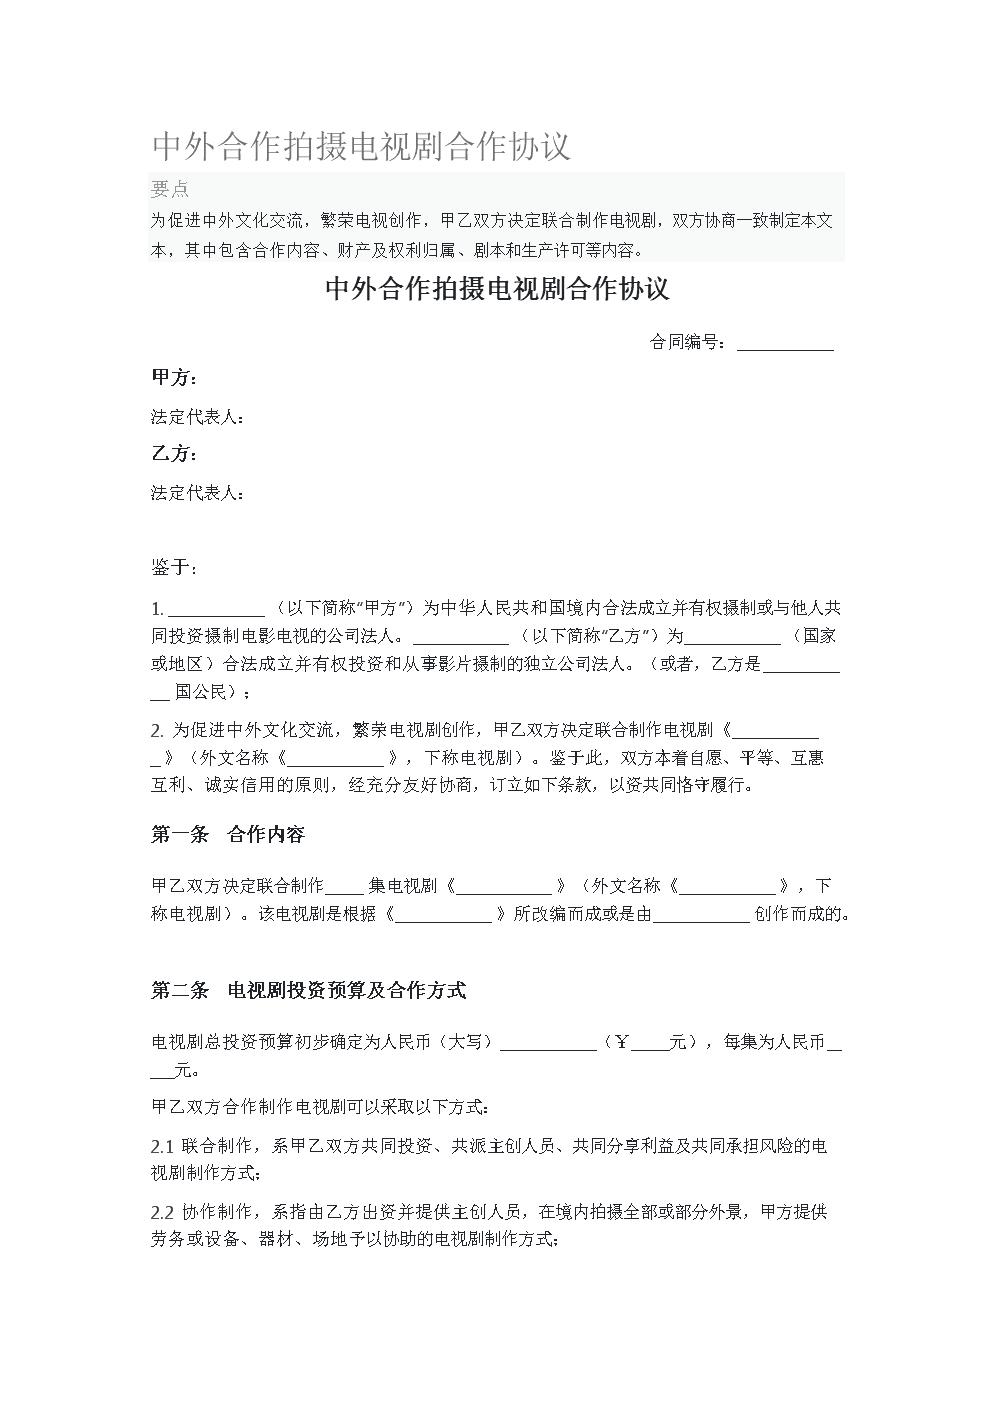 中外合作拍摄电视剧合作协议.doc